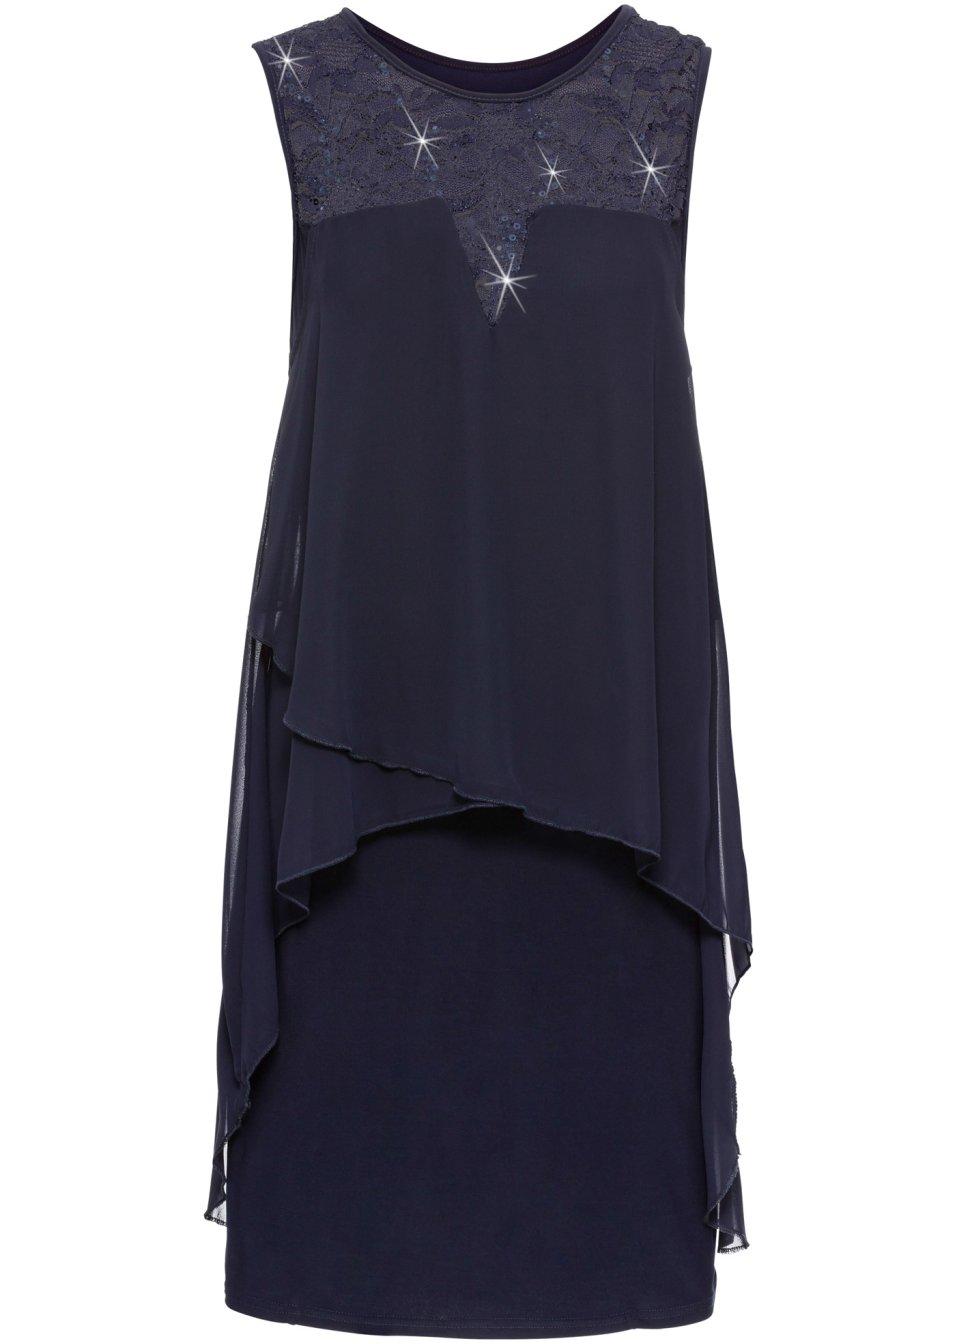 Apartes Kleid mit Pailletten - mitternachtsblau Jdufs GI5zx